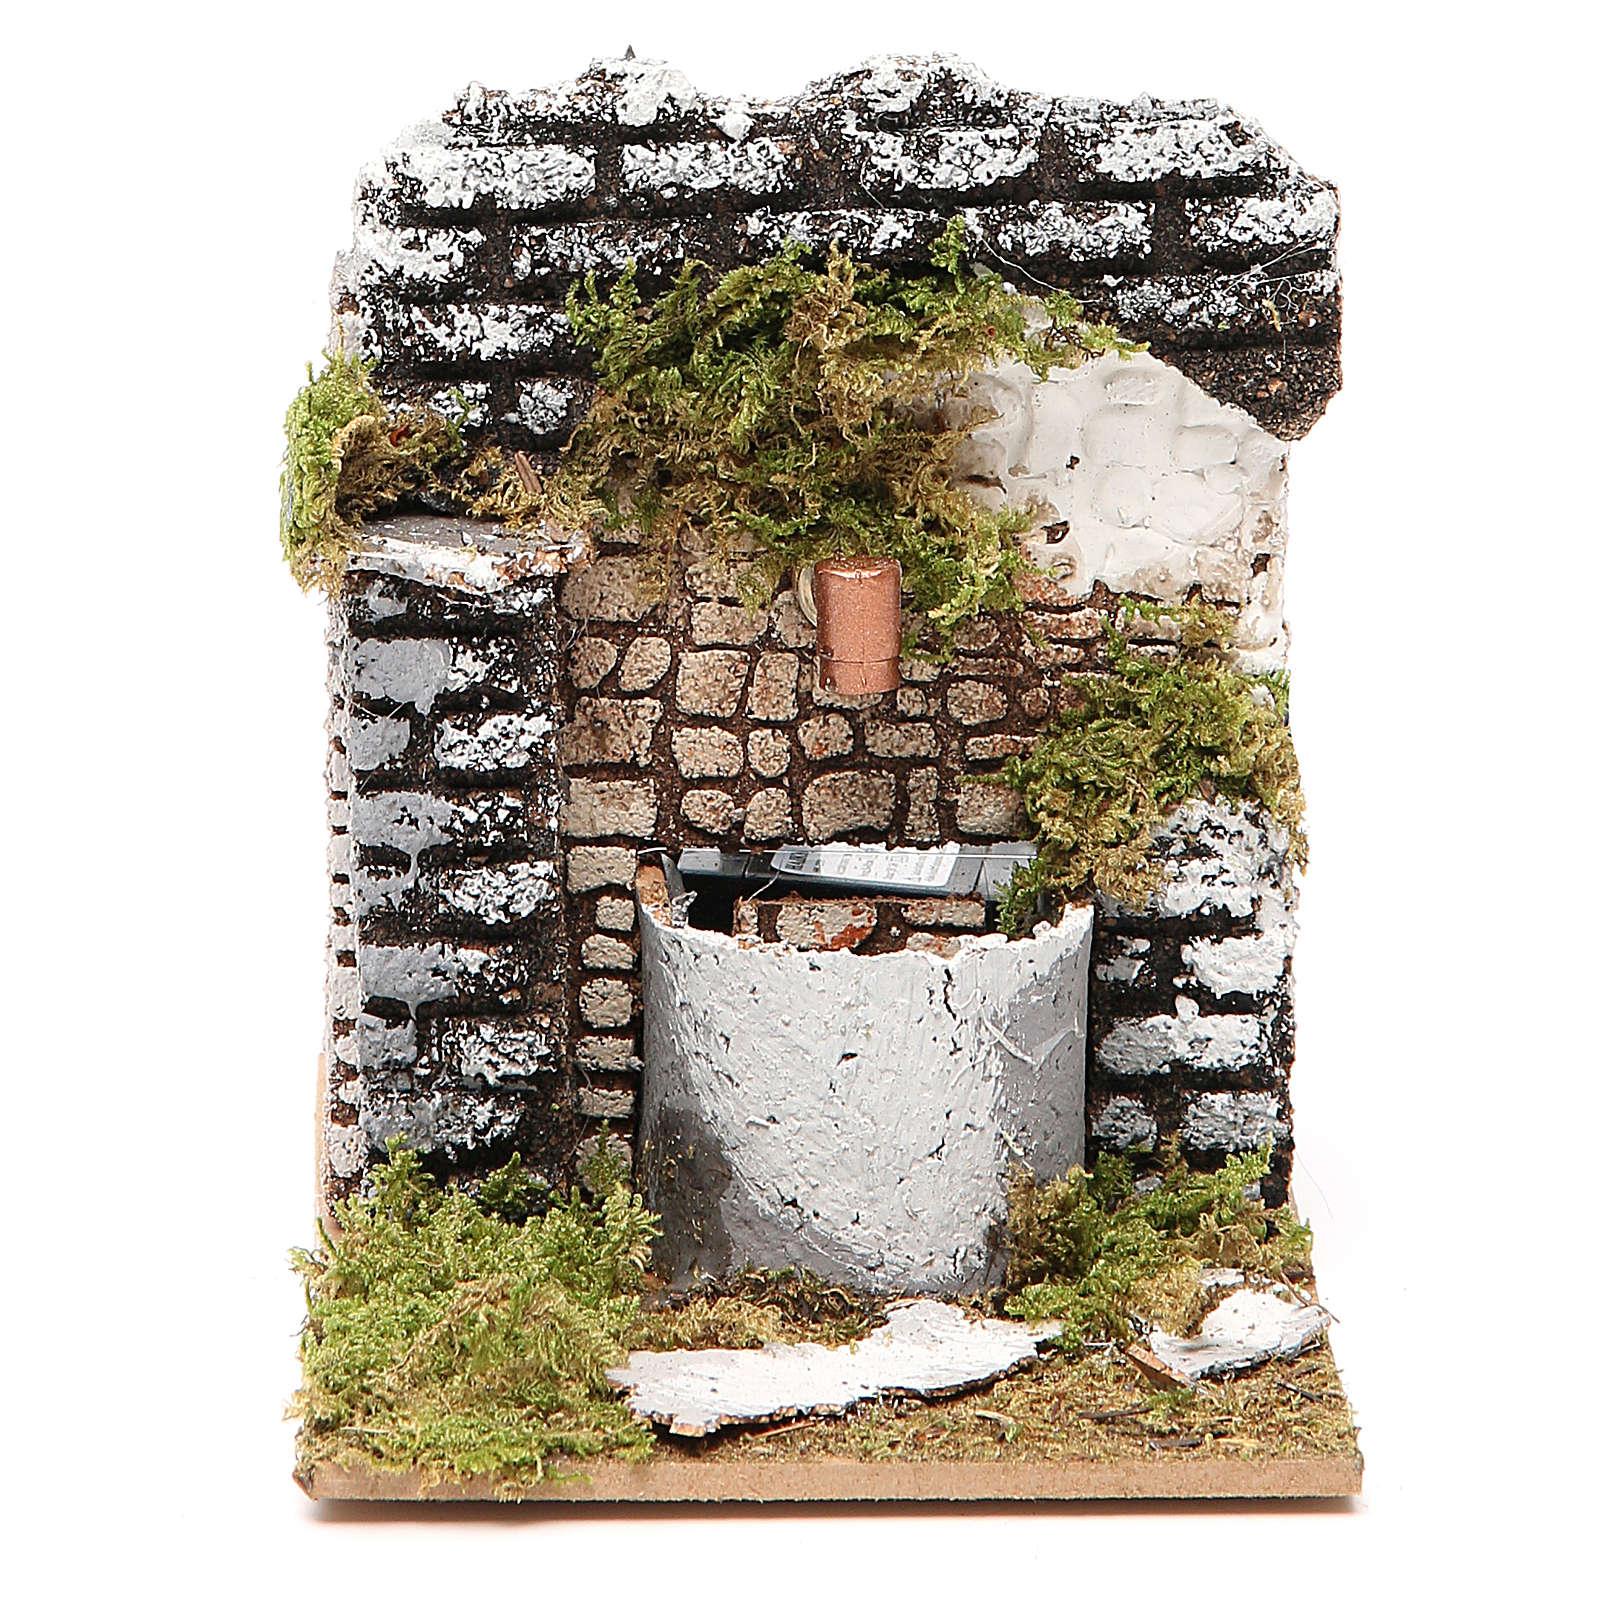 Fuente belén madera y corcho 12x15x10 cm modelos surtidos 4